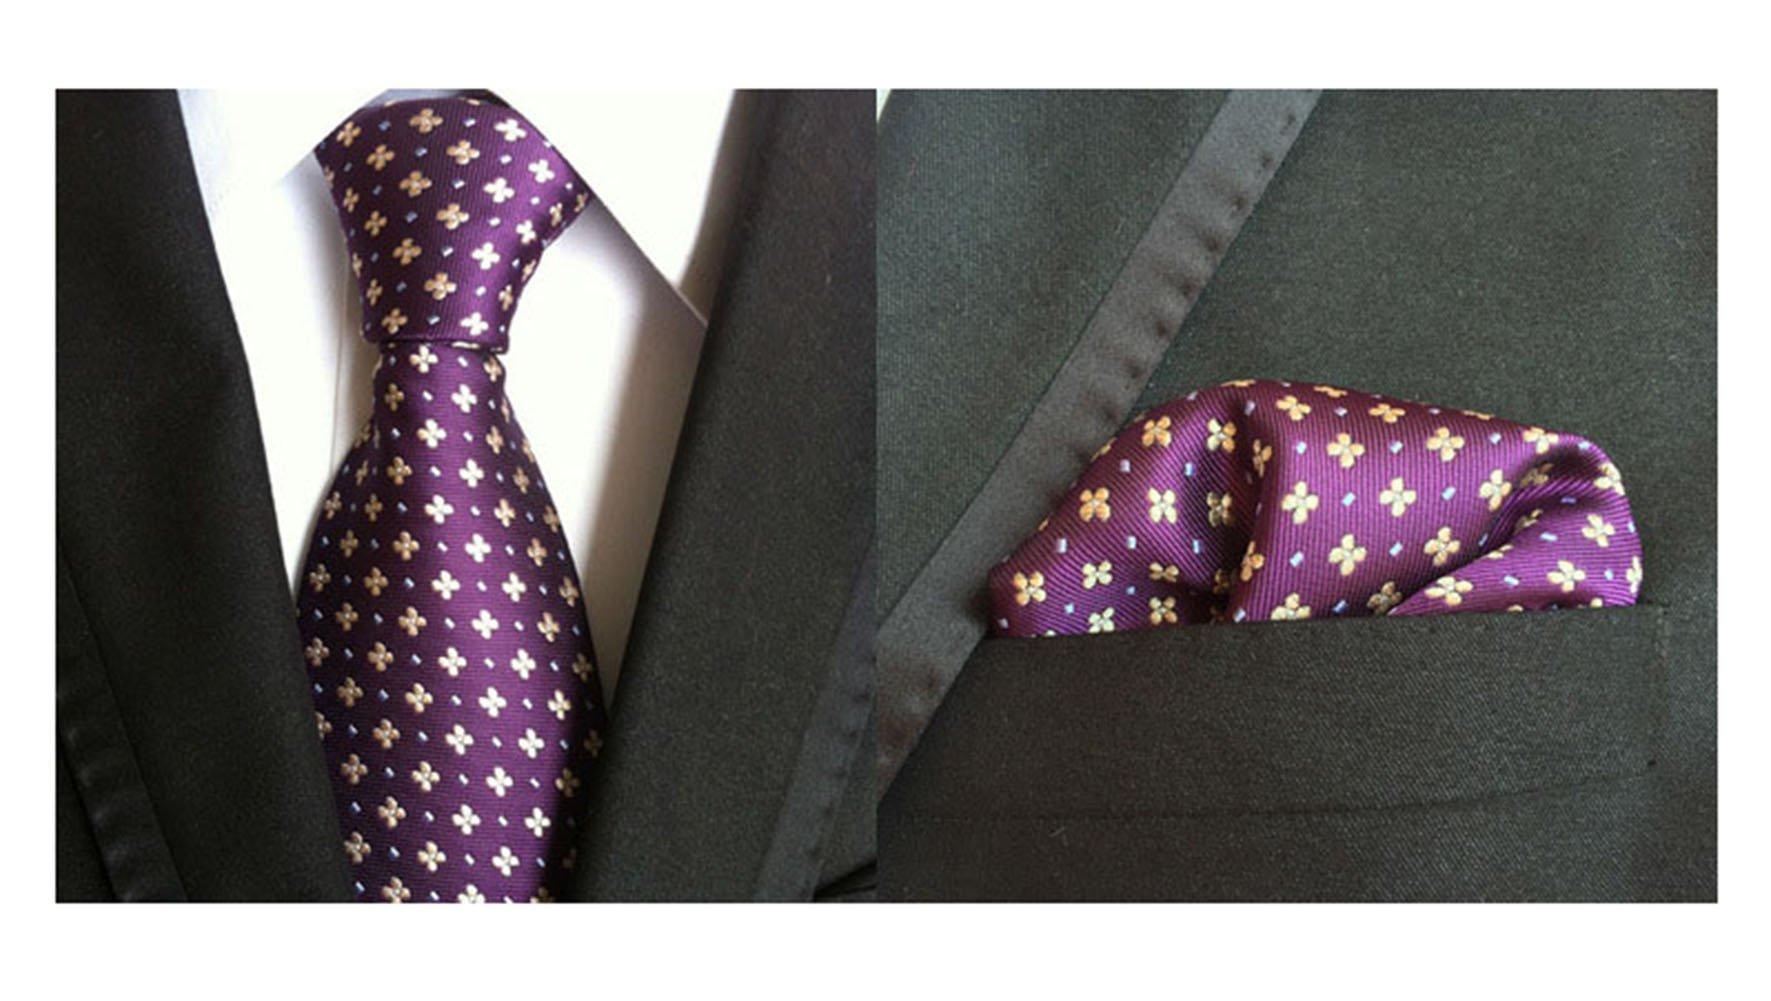 MENDENG Men's Purple Gold Floral Paisley Business Tie Silk Tie Hanky 2 Pcs Sets